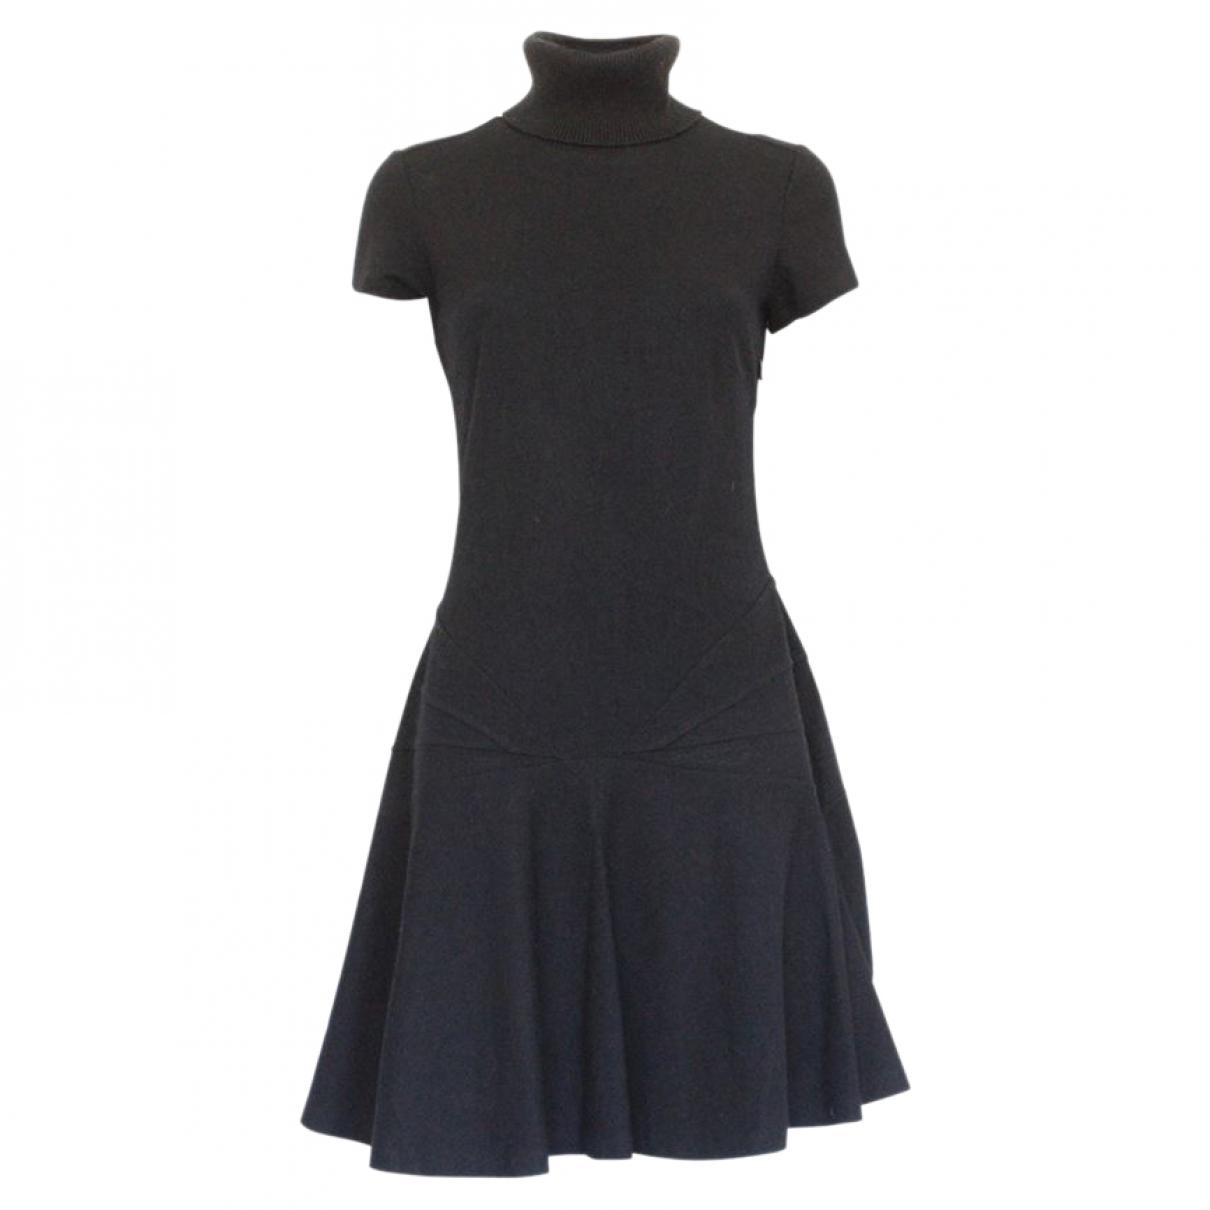 Ermanno Scervino \N Kleid in  Schwarz Wolle